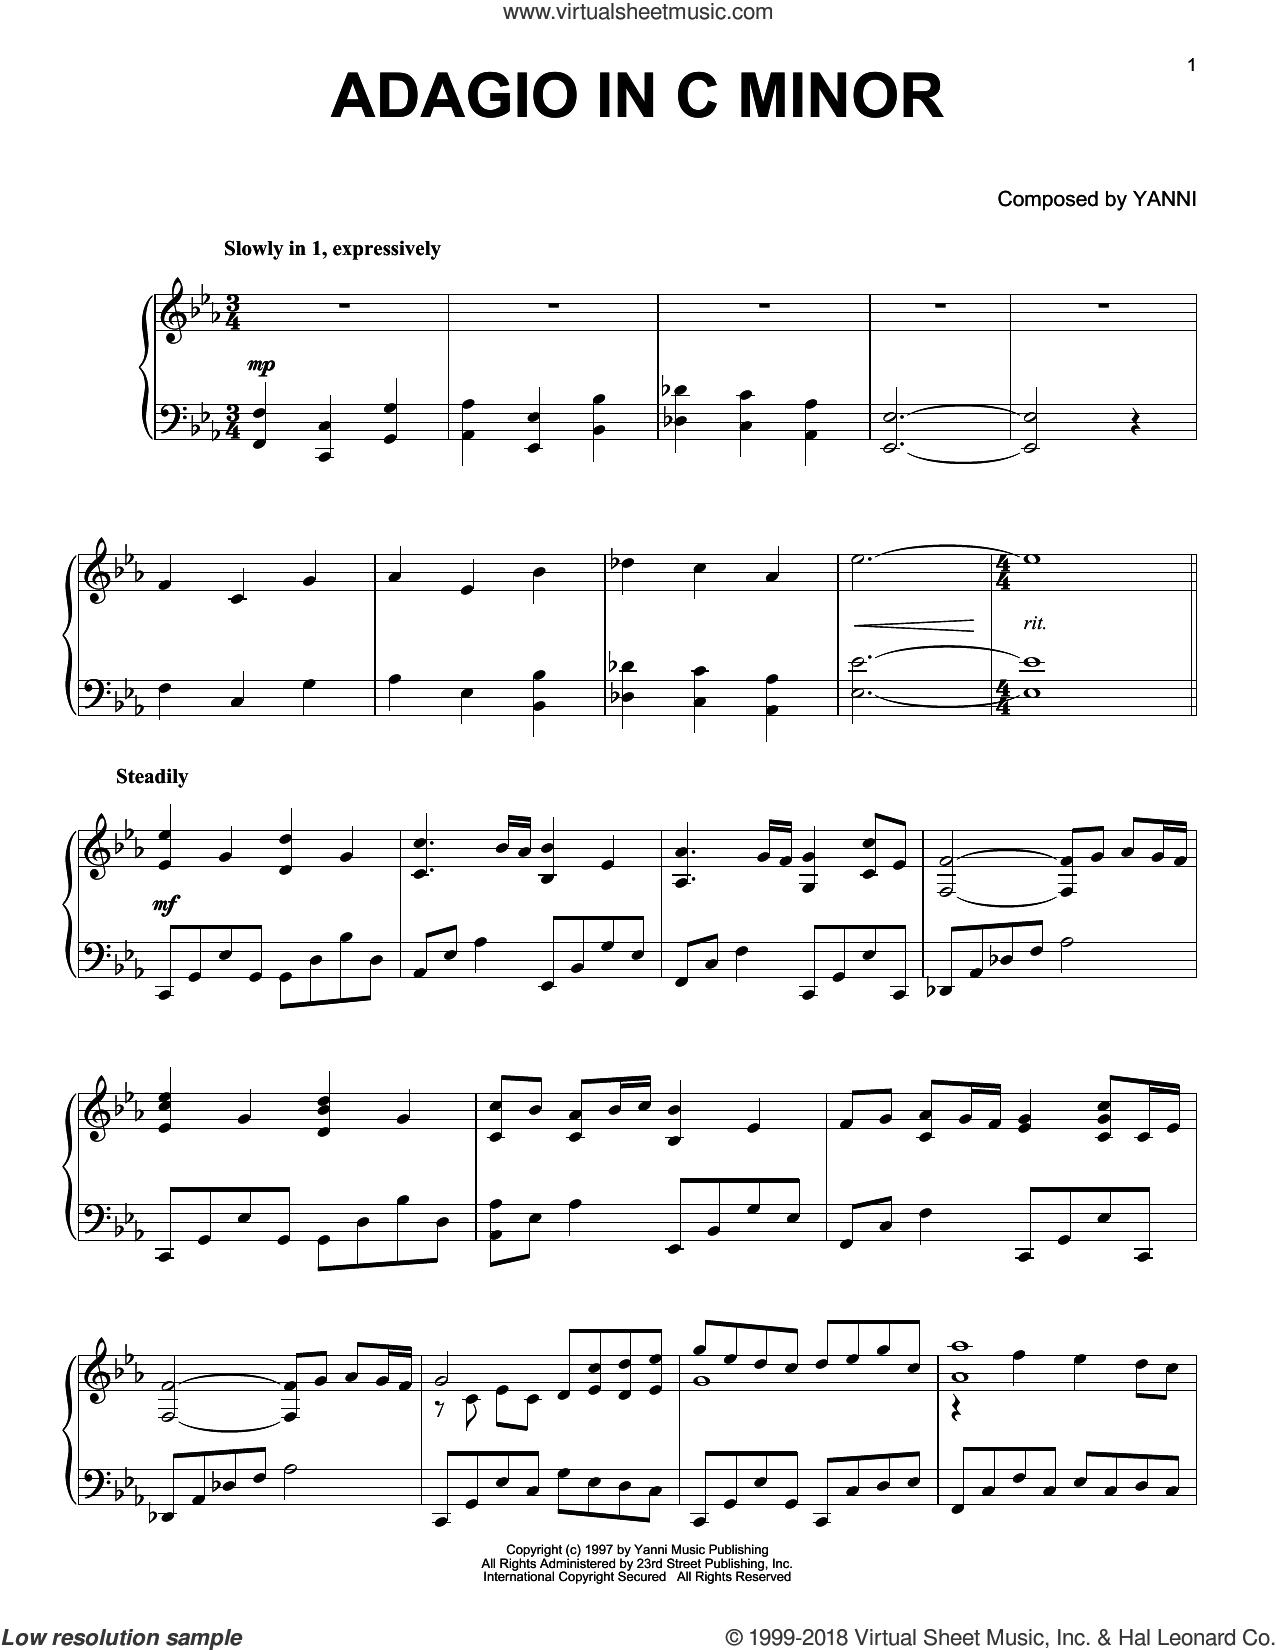 Adagio In C Minor sheet music for piano solo by Yanni, intermediate skill level